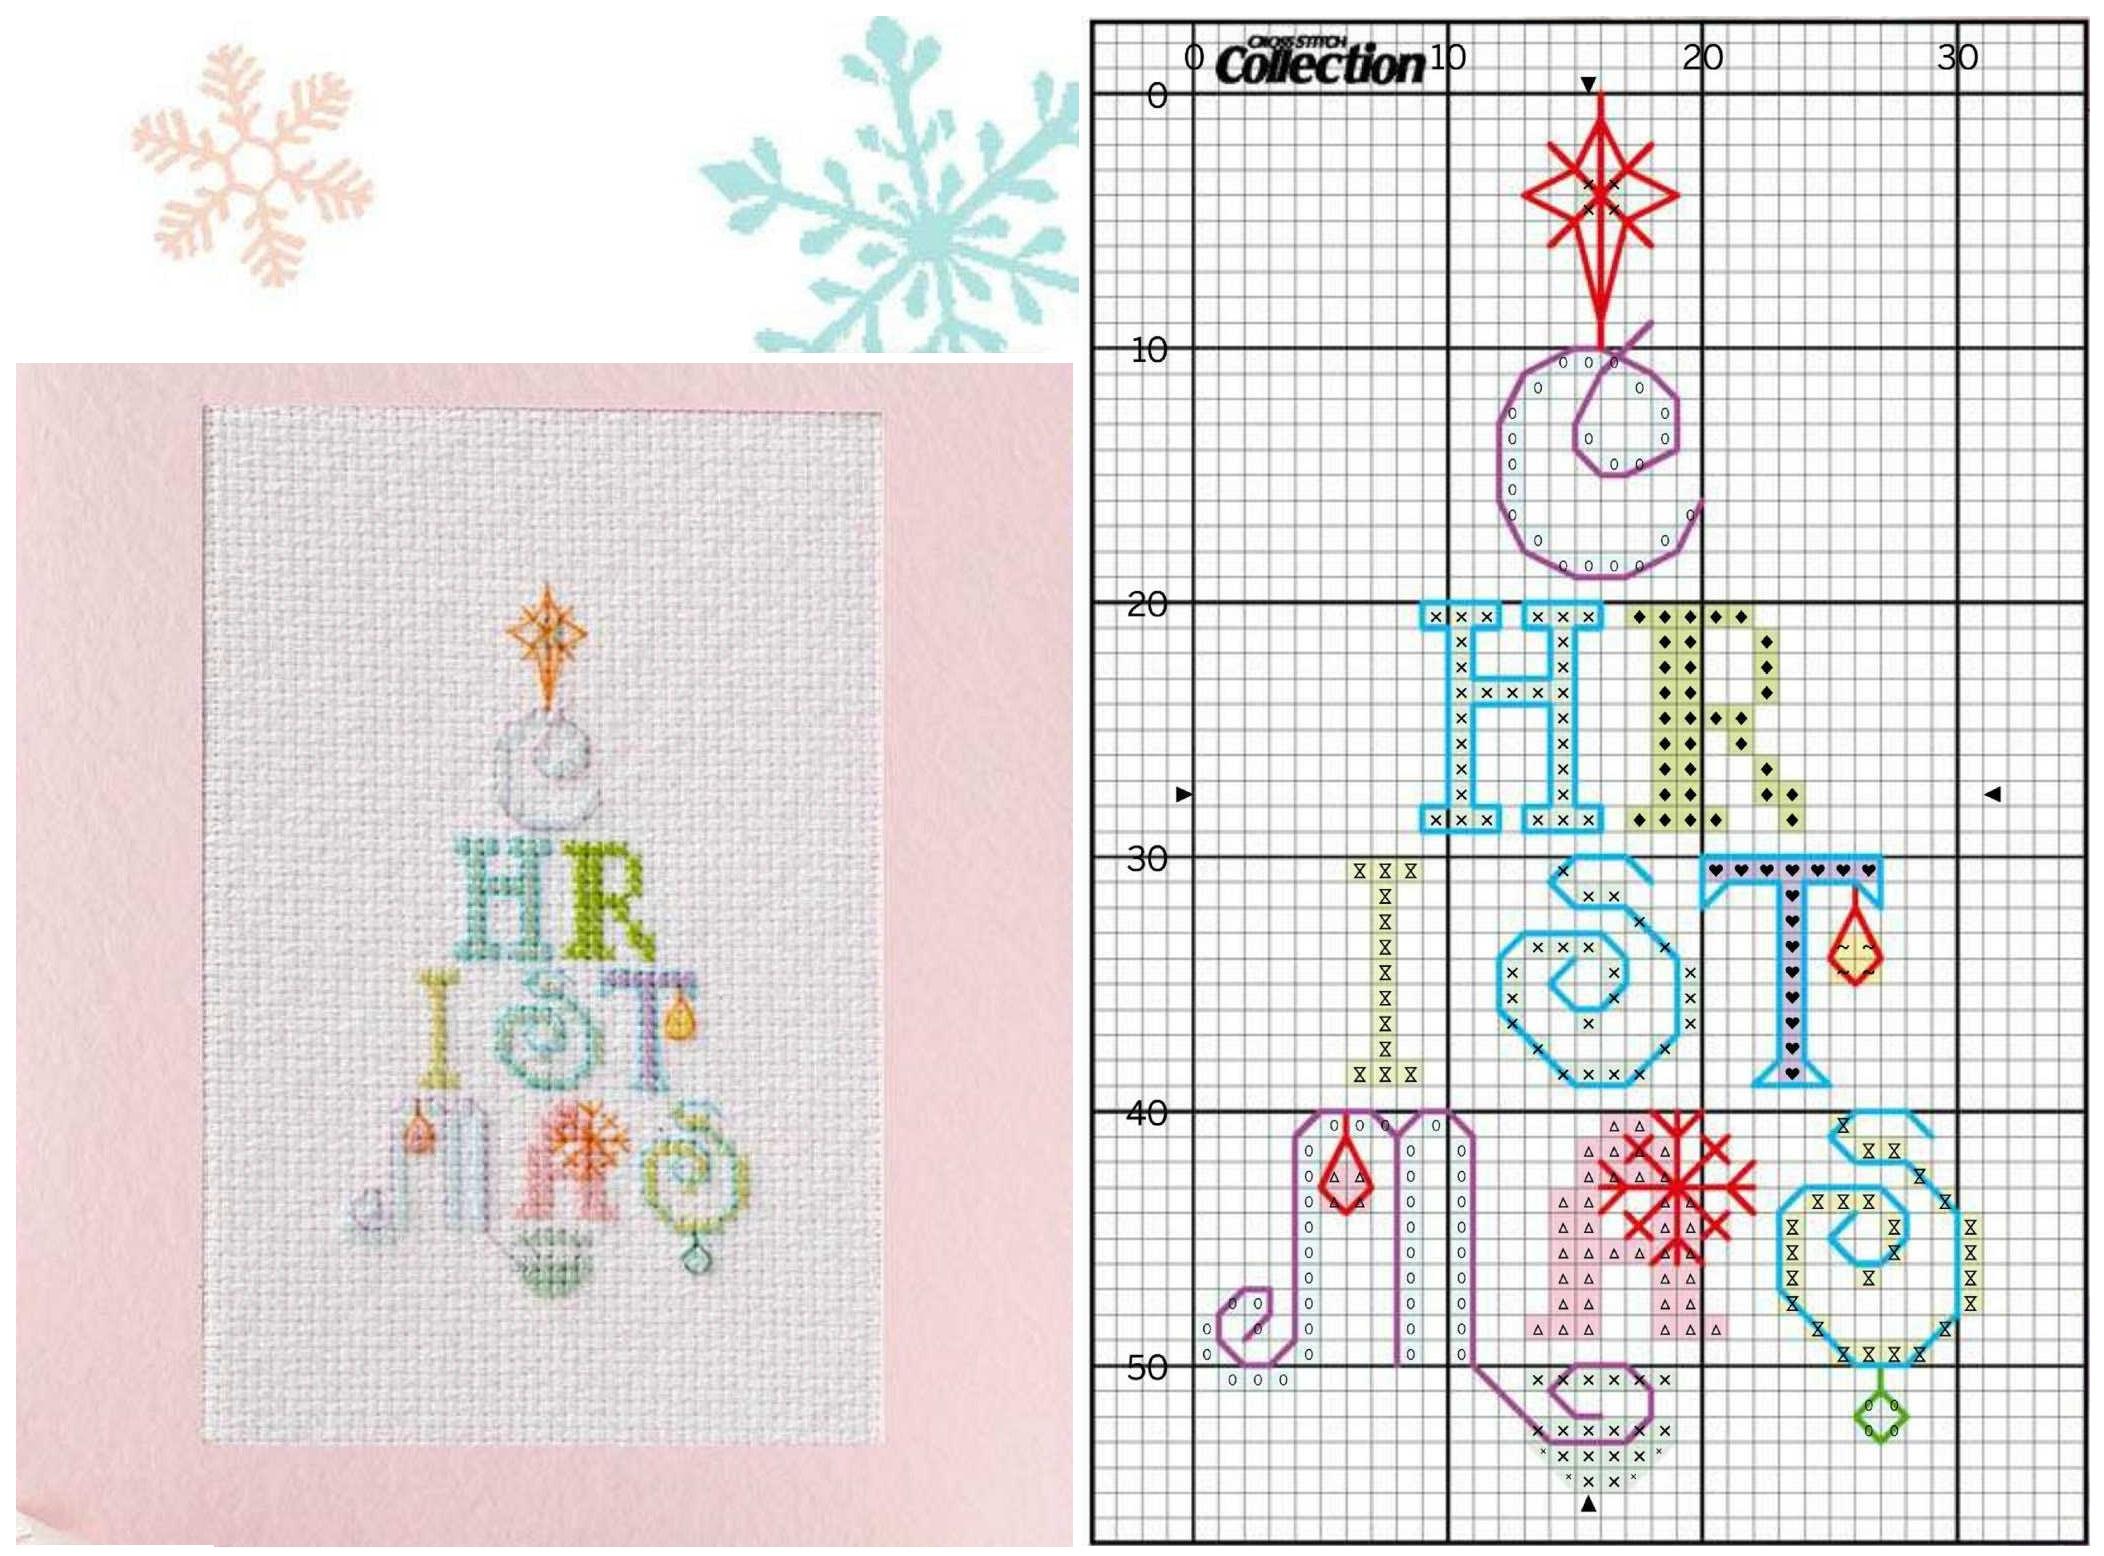 Вышивки новогодние для открытки с днем рождения